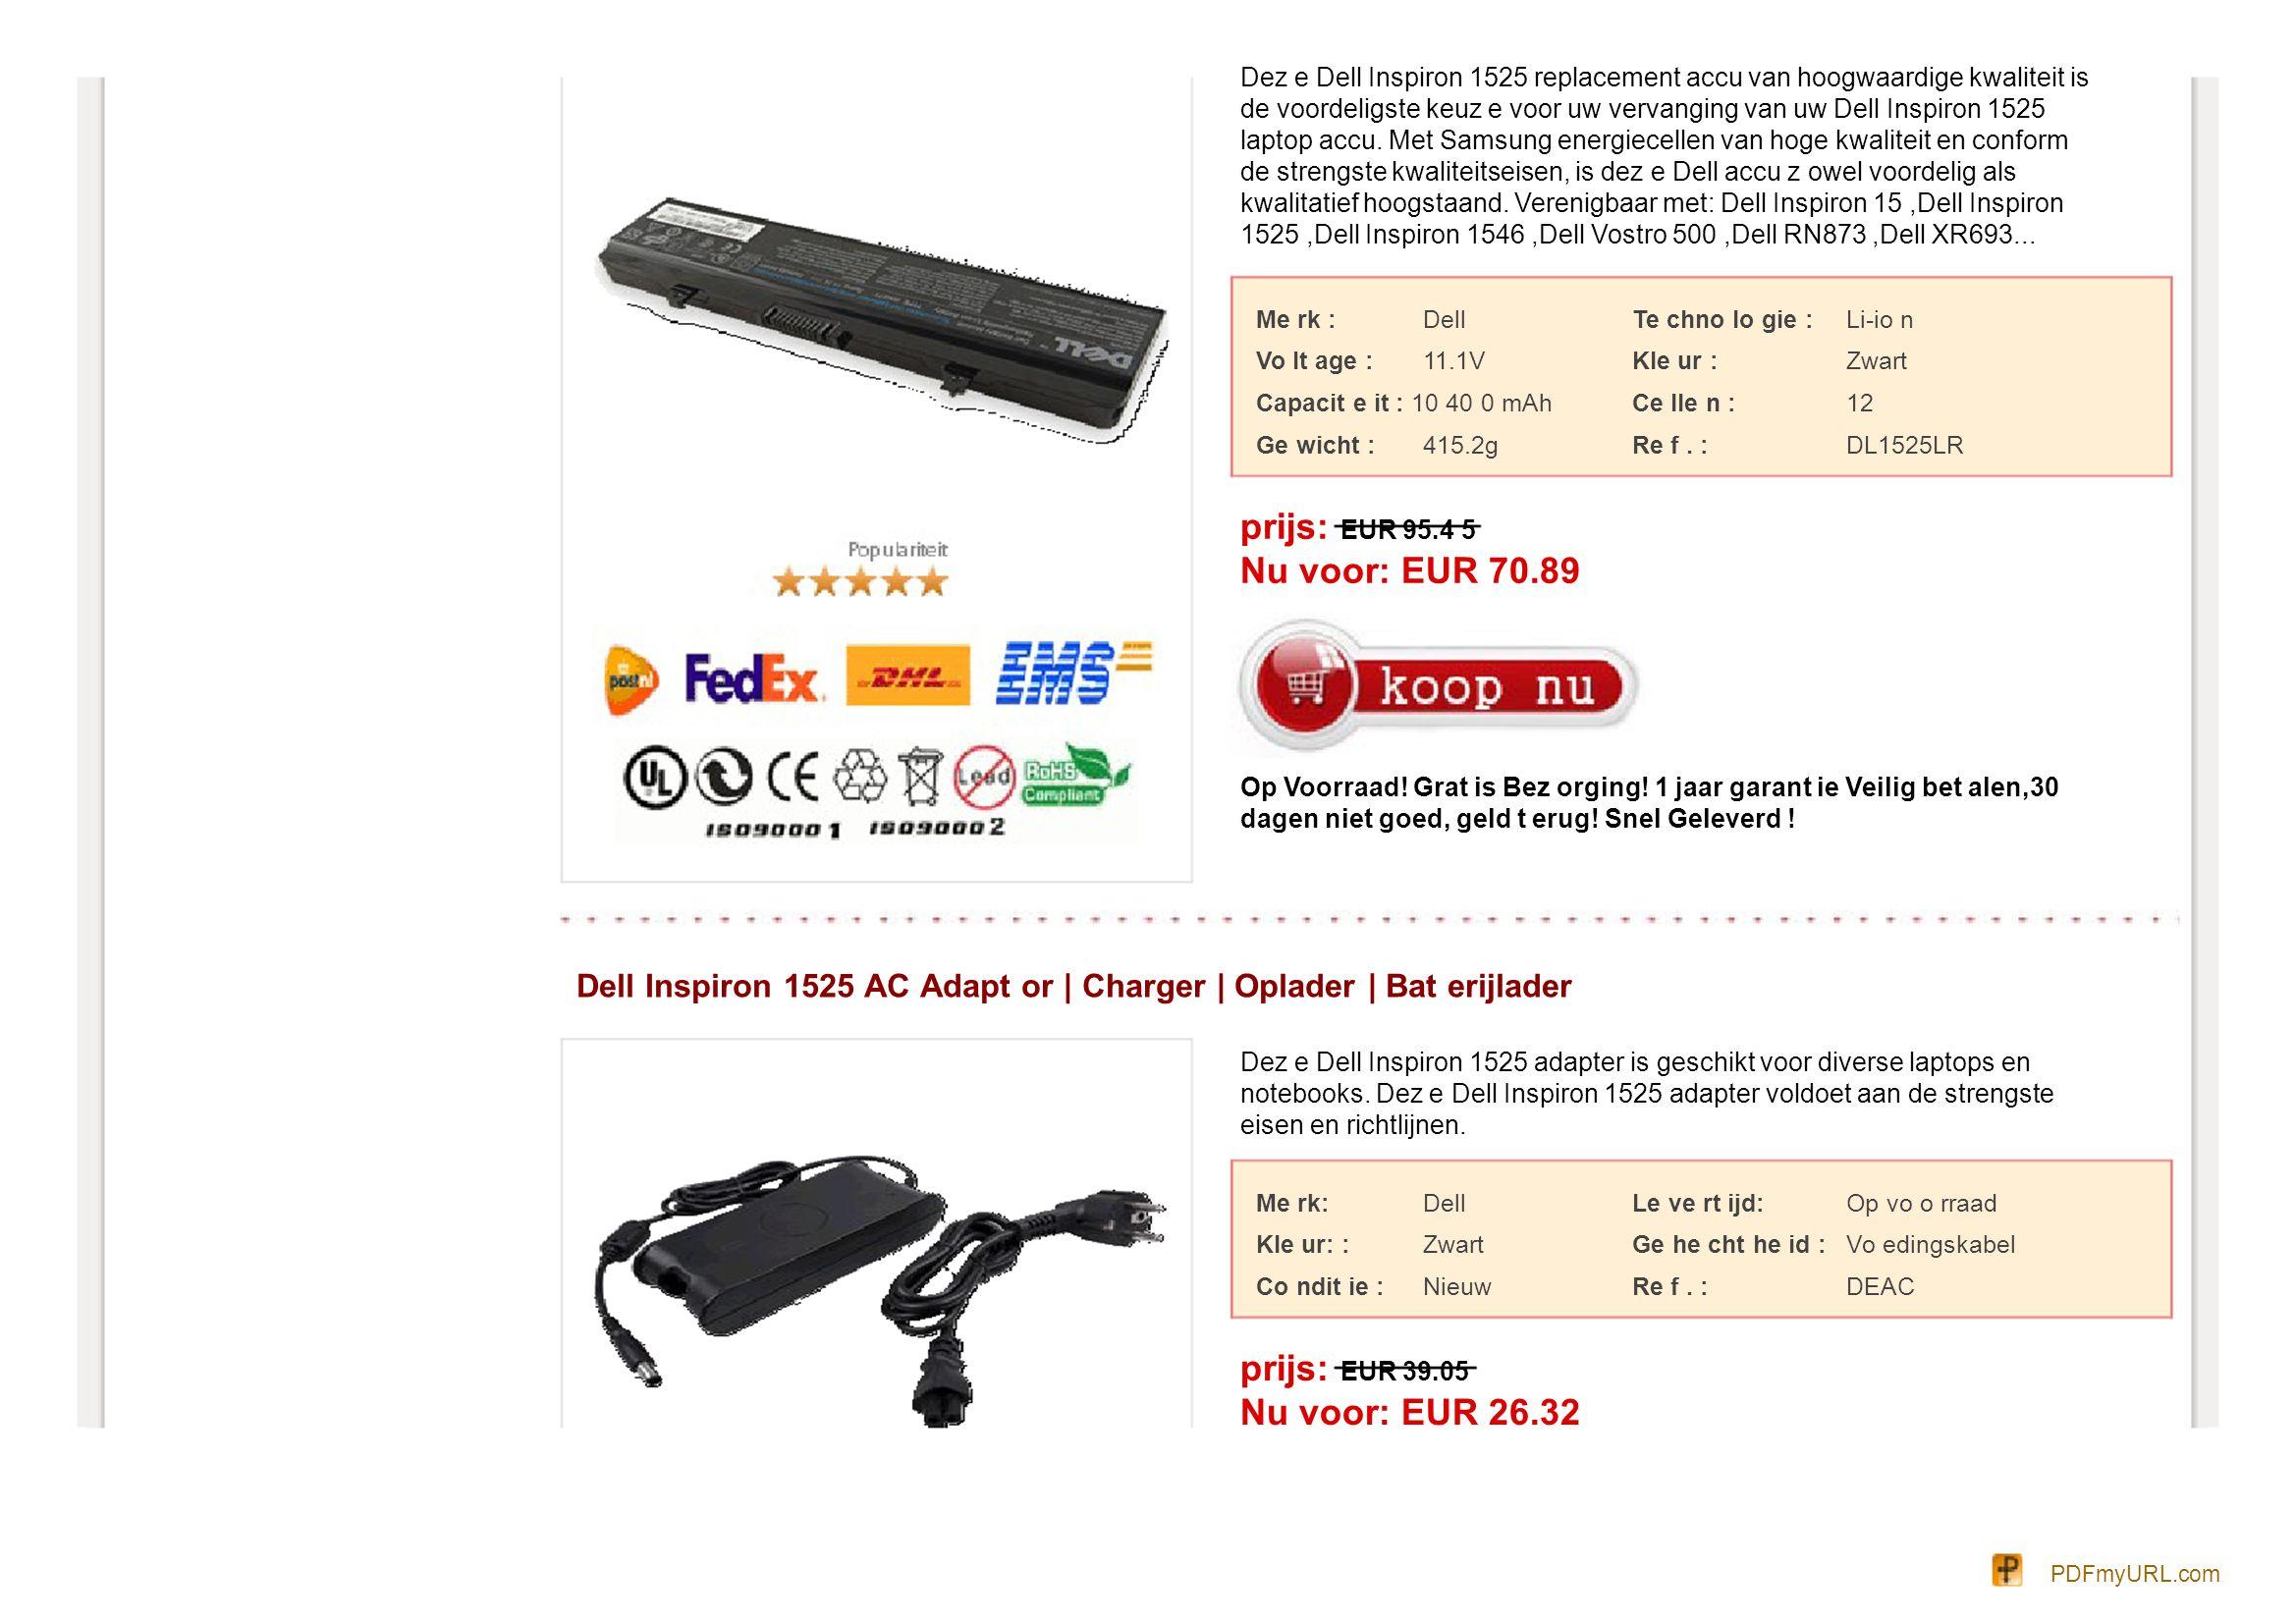 Dez e Dell Inspiron 1525 replacement accu van hoogwaardige kwaliteit is de voordeligste keuz e voor uw vervanging van uw Dell Inspiron 1525 laptop acc